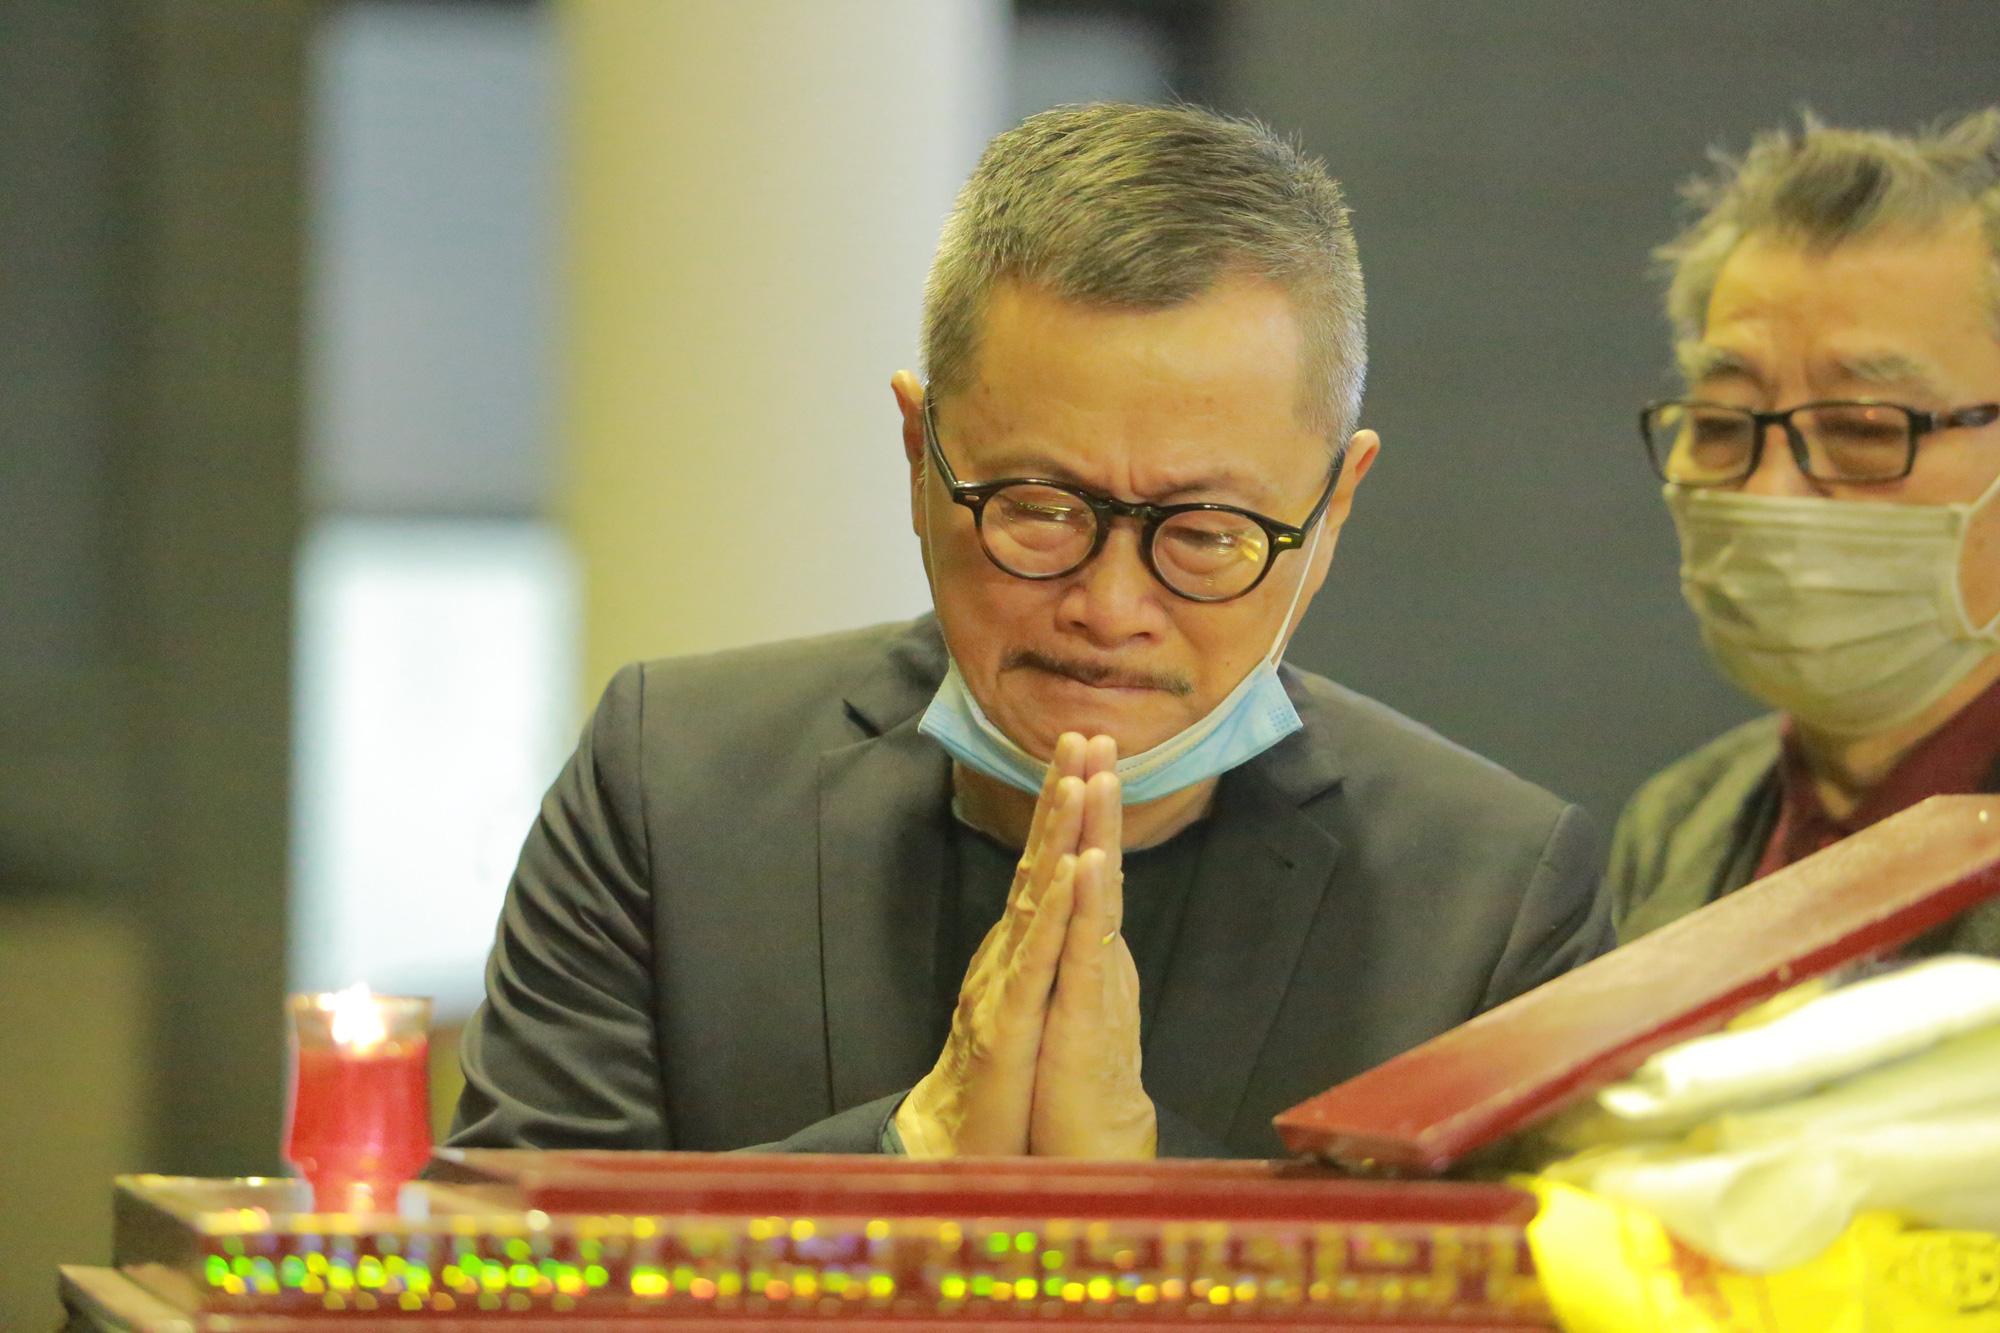 """NSND Thu Hà, Trung Hiếu khóc nghẹn khi đến tiễn đưa """"bố"""" Trần Hạnh về nơi an nghỉ - Ảnh 6."""